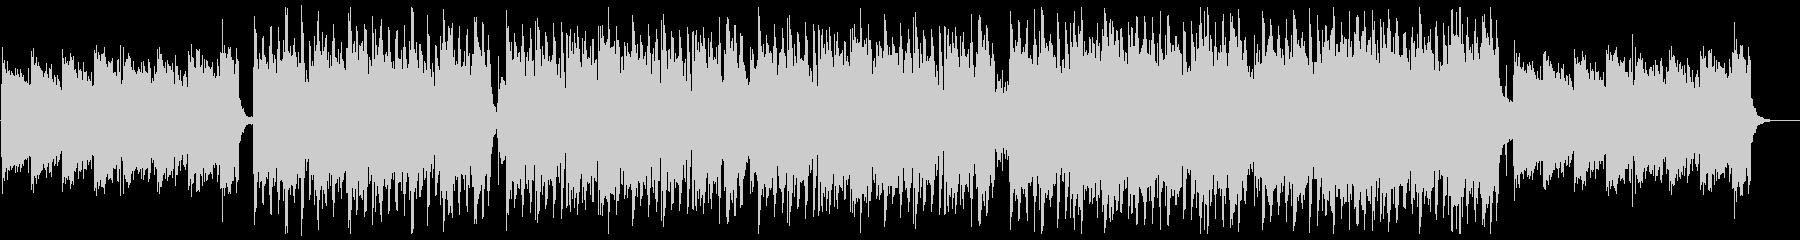 エレガントバイオリンポップx1の未再生の波形